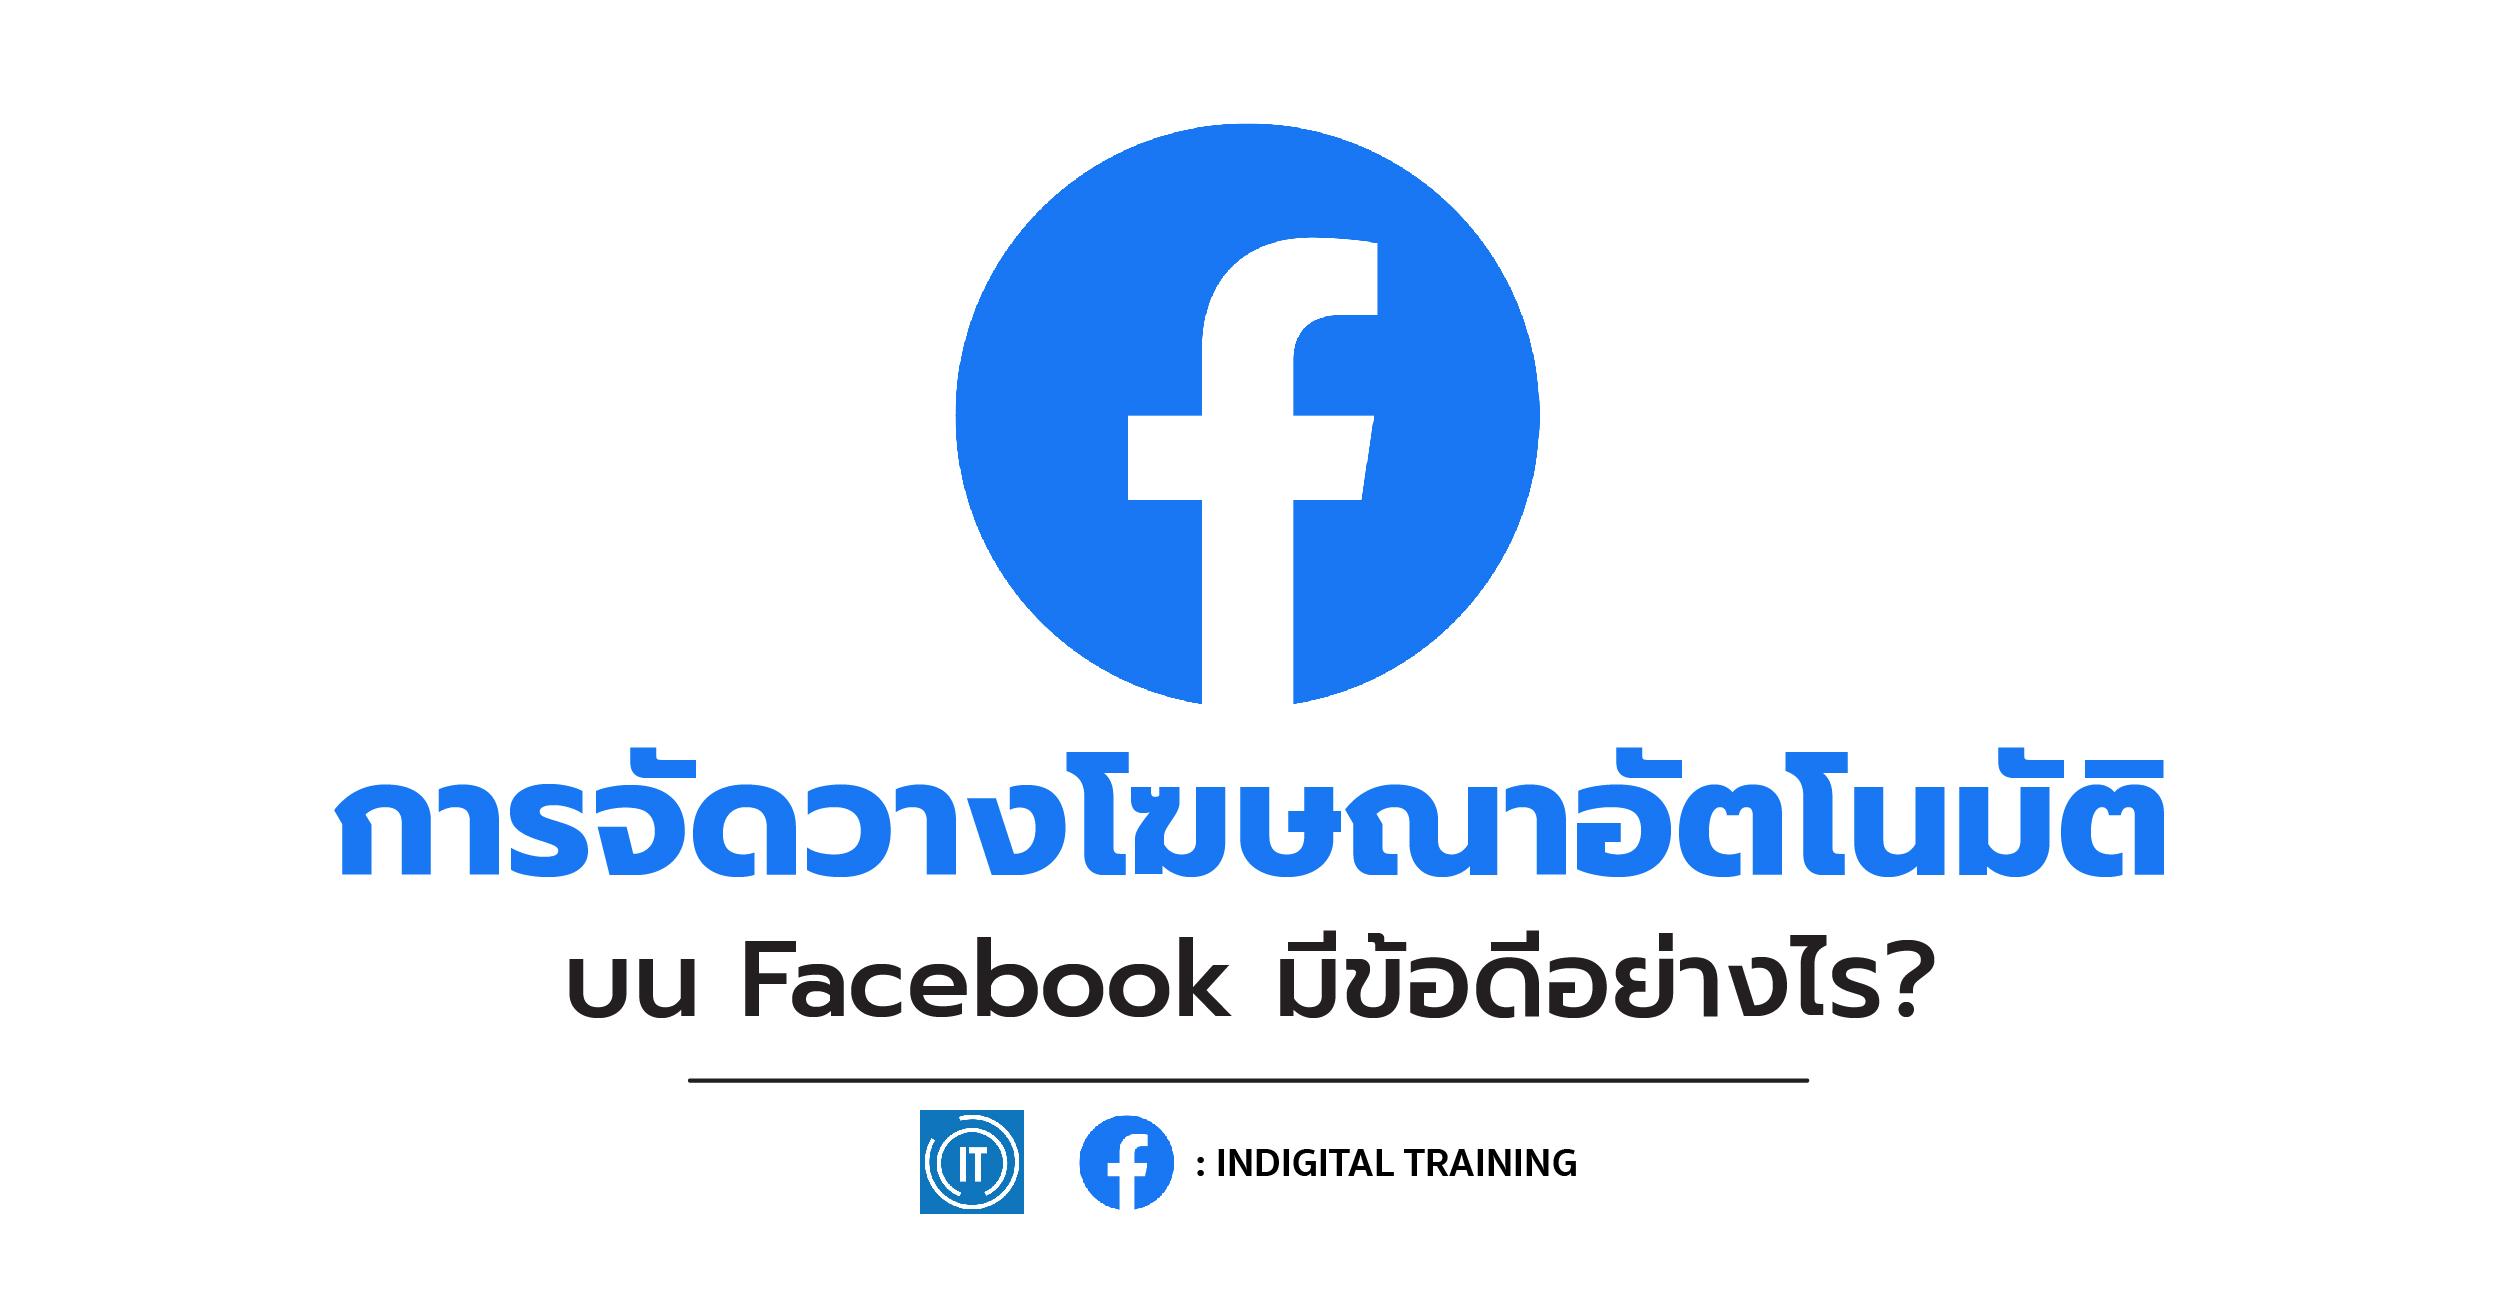 การจัดวางโฆษณาอัตโนมัติบน Facebook มีข้อดีอย่างไร?